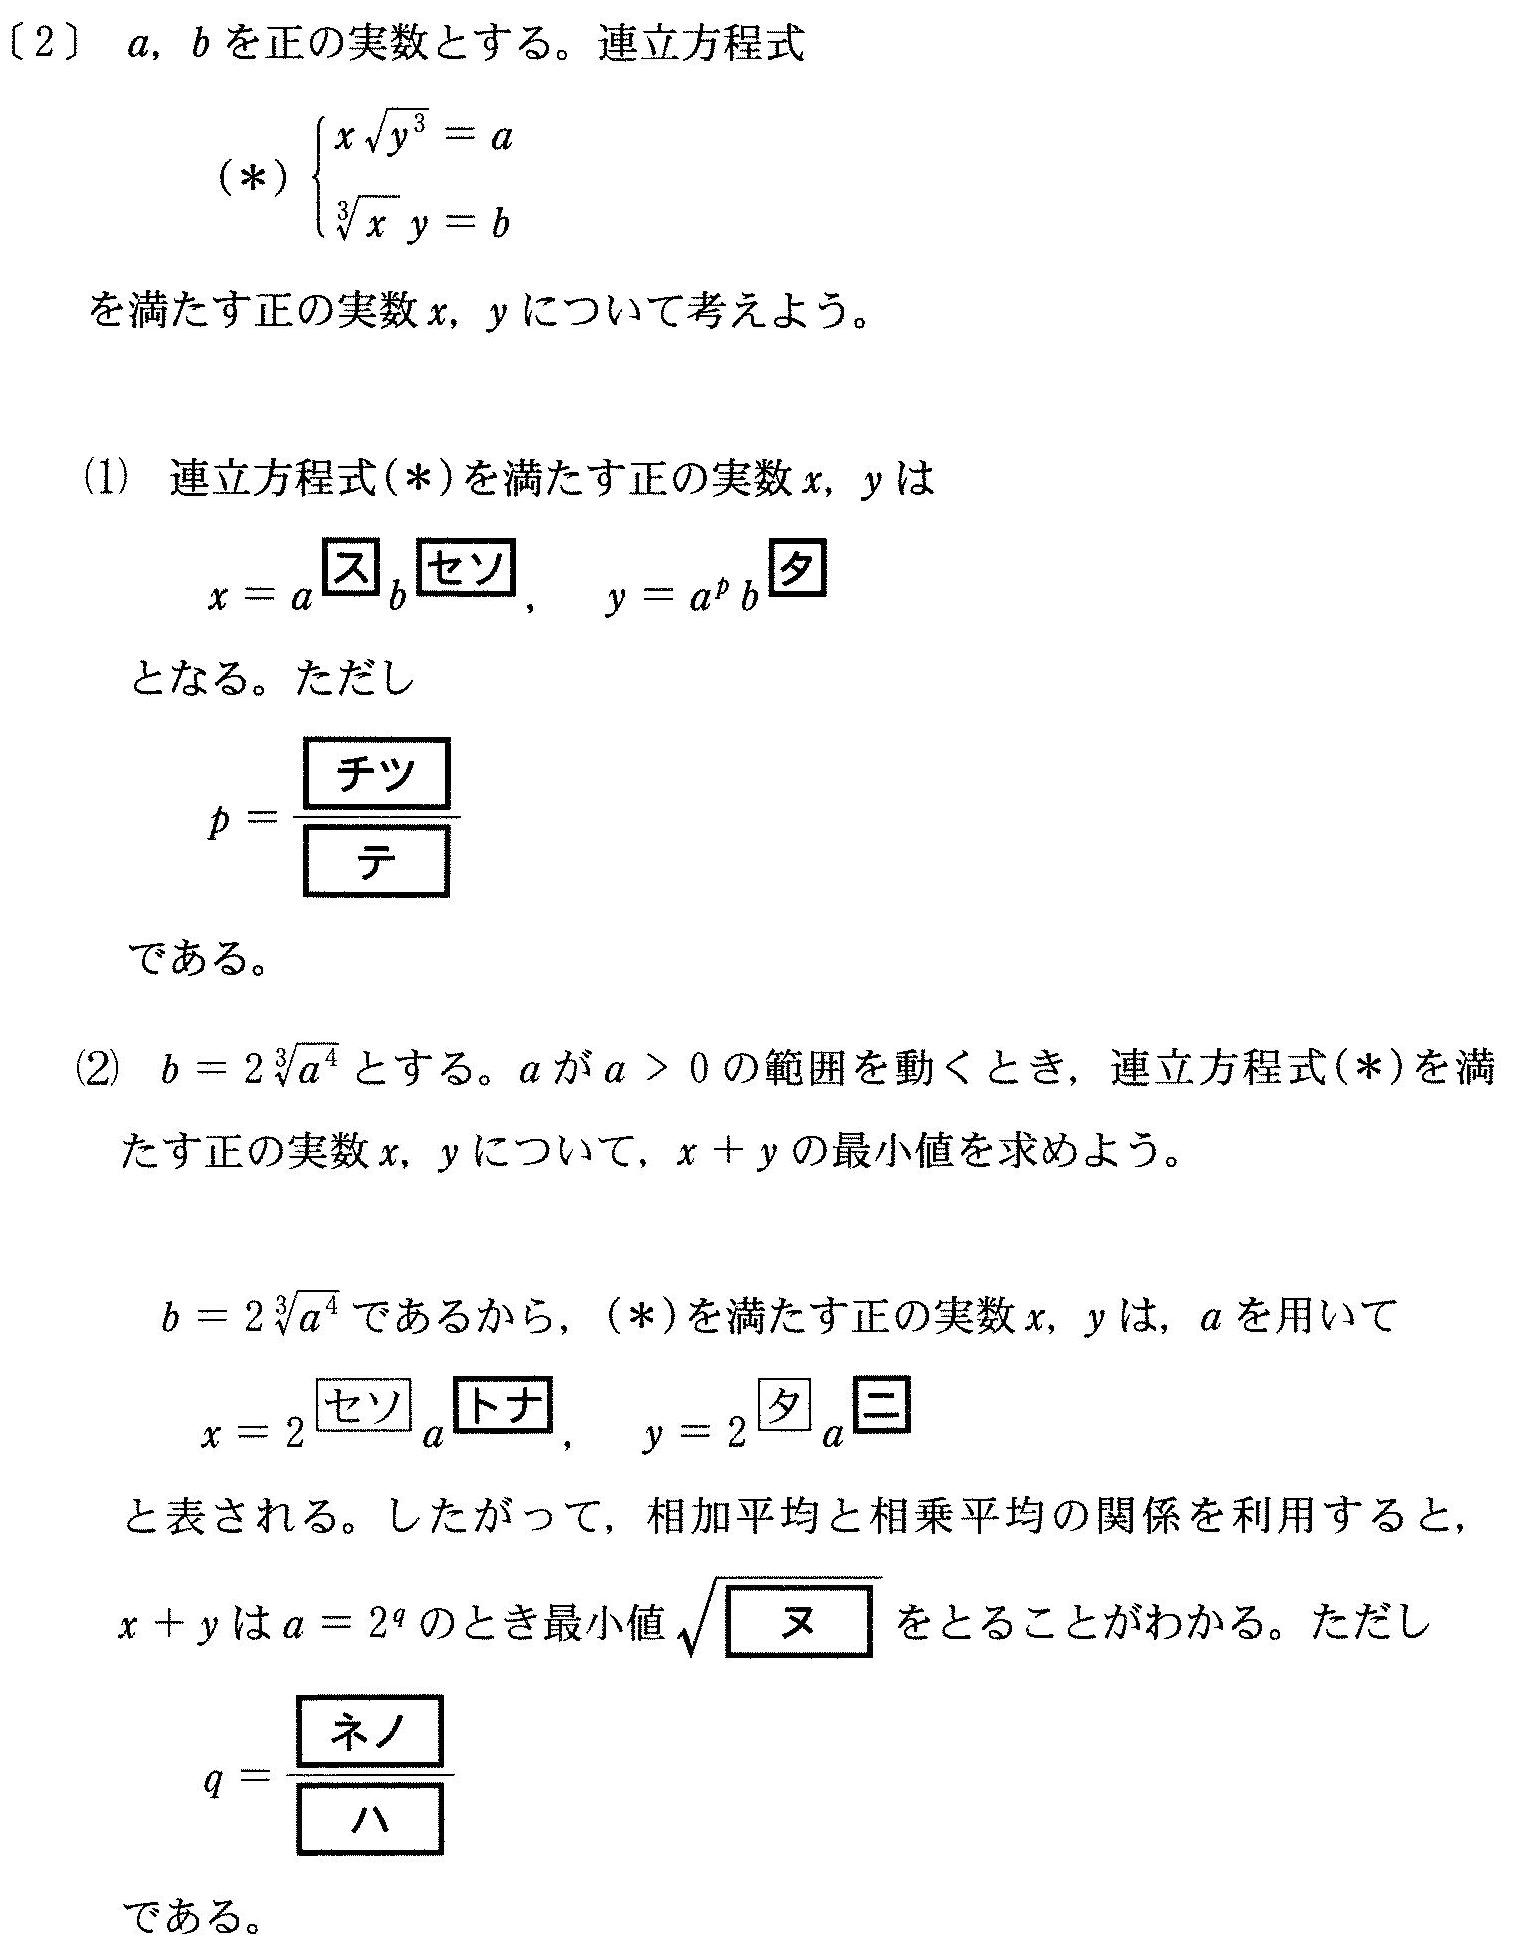 問題2B1-2